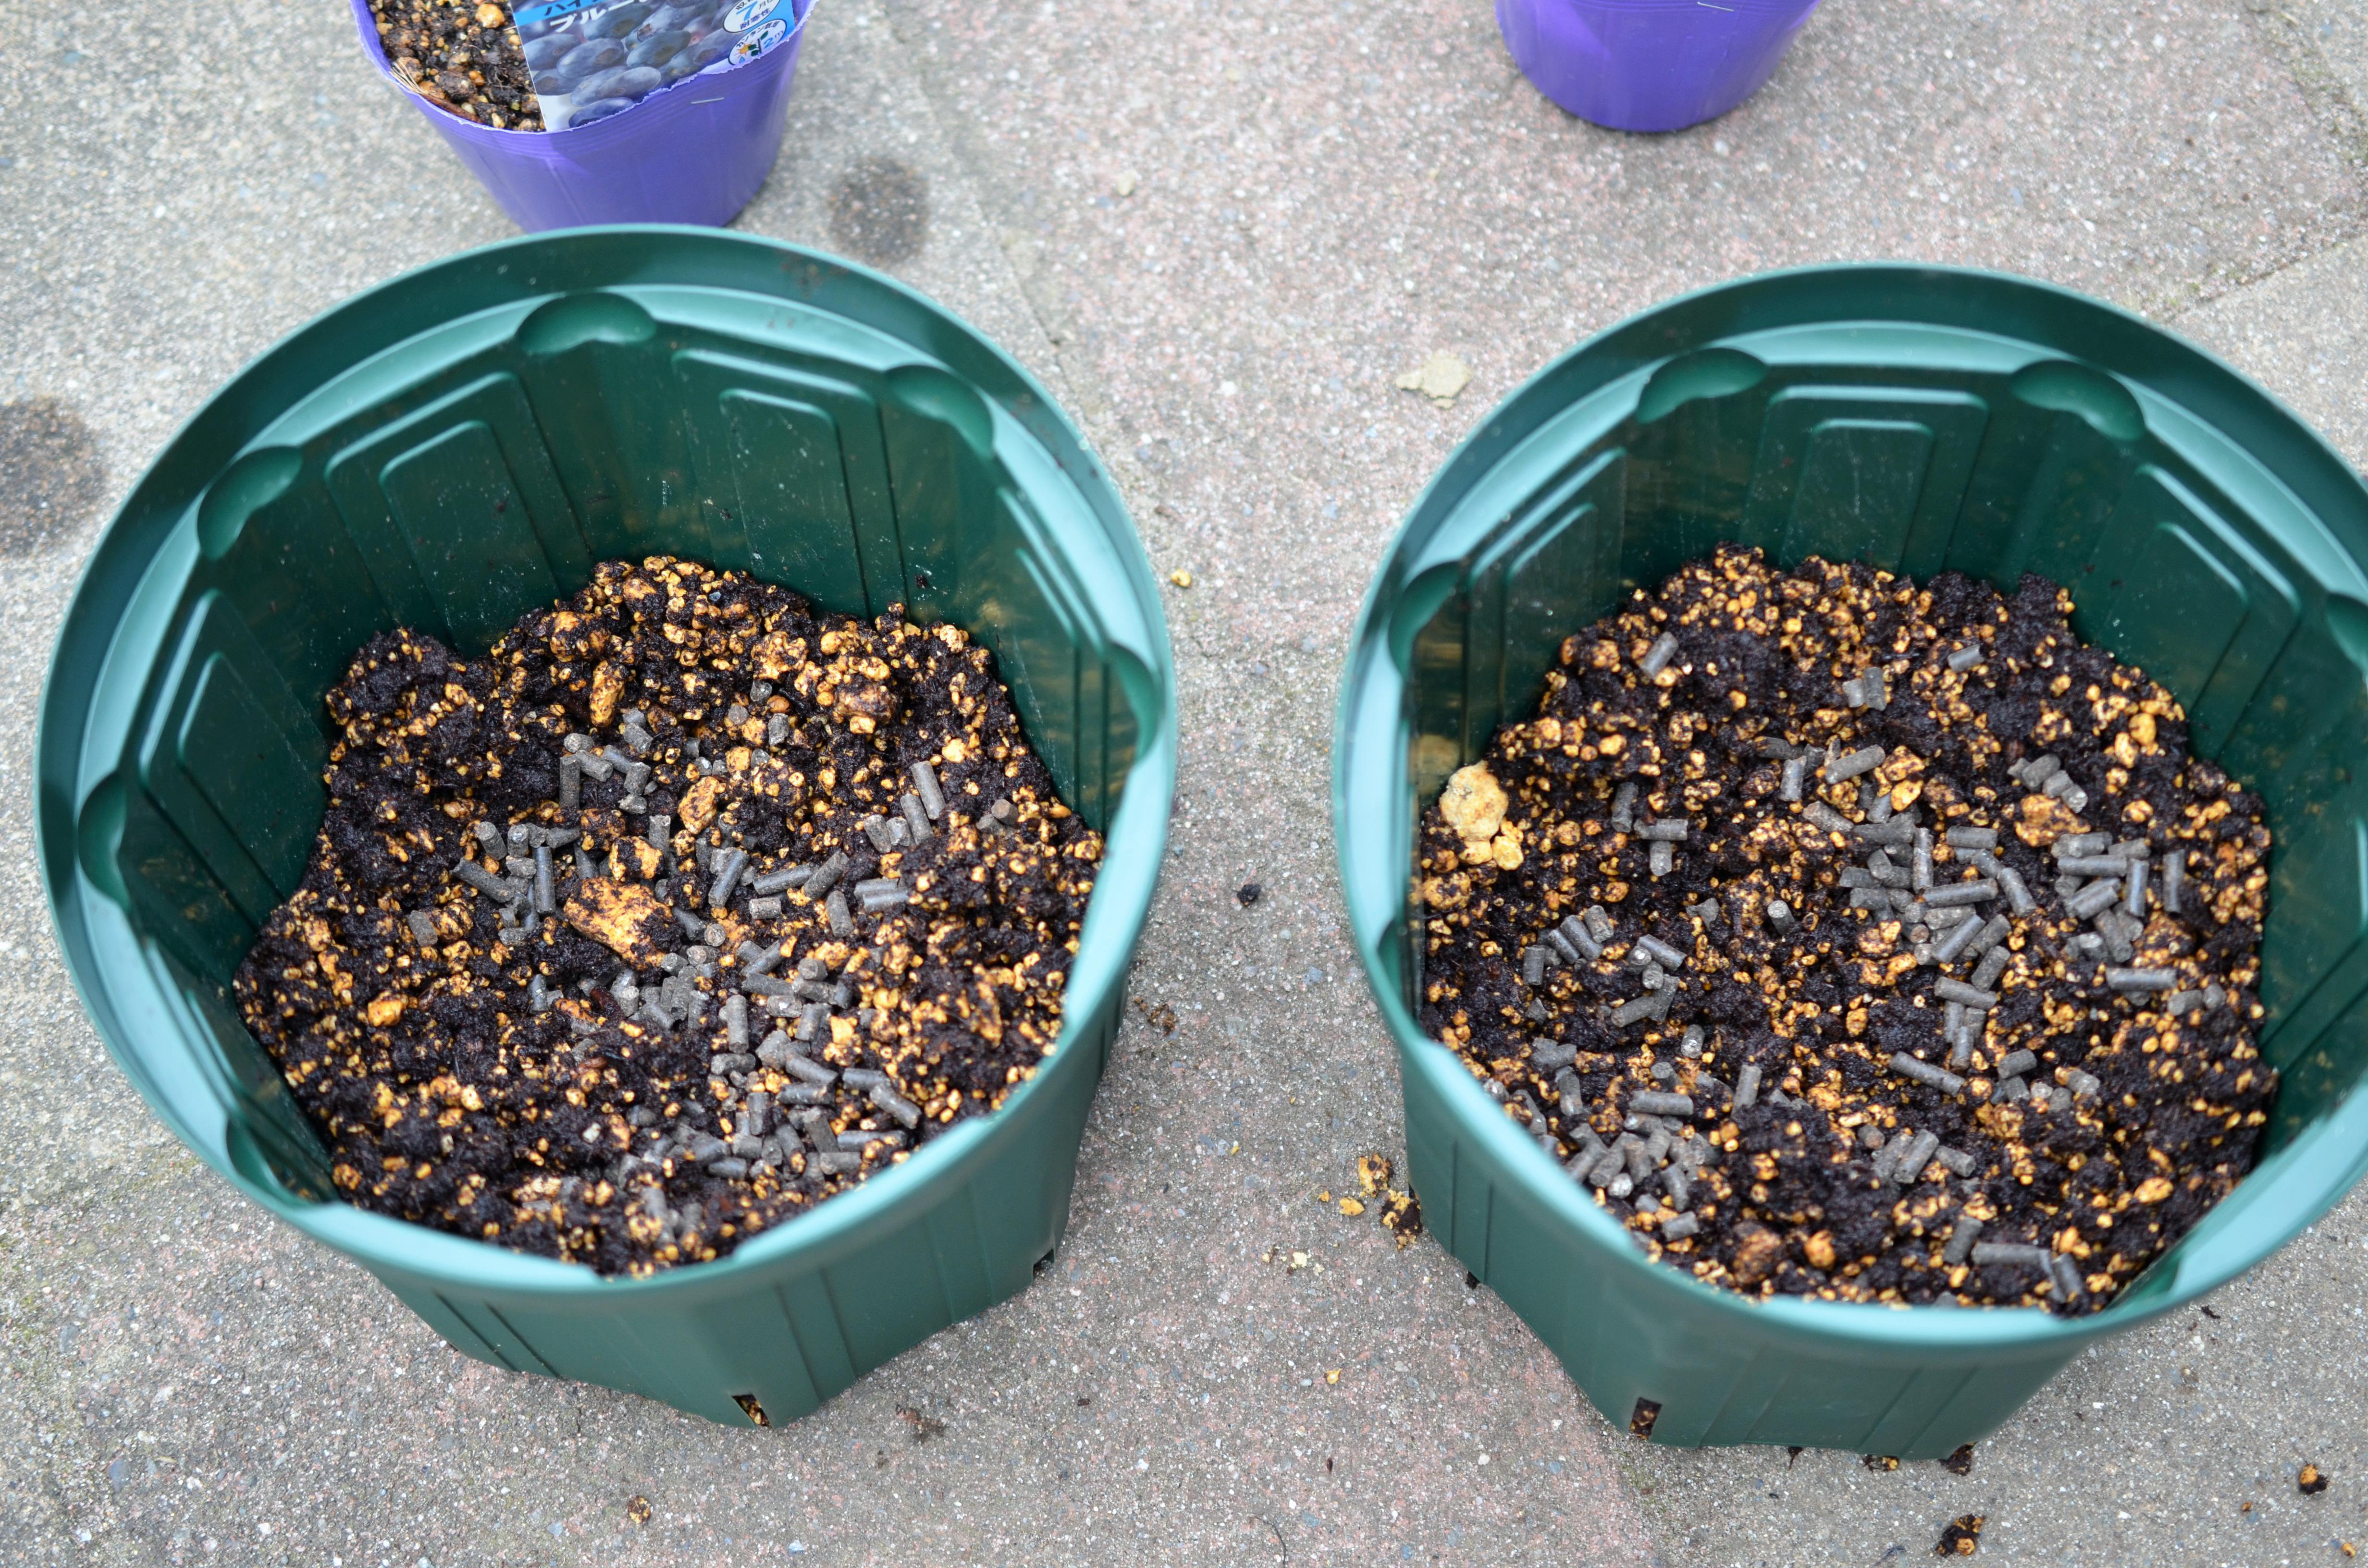 ⑥ブルーベリー用の肥料も元肥として入れておきます。鉢に土を投入し、苗を取り出して植えつけます。簡単ですね♪